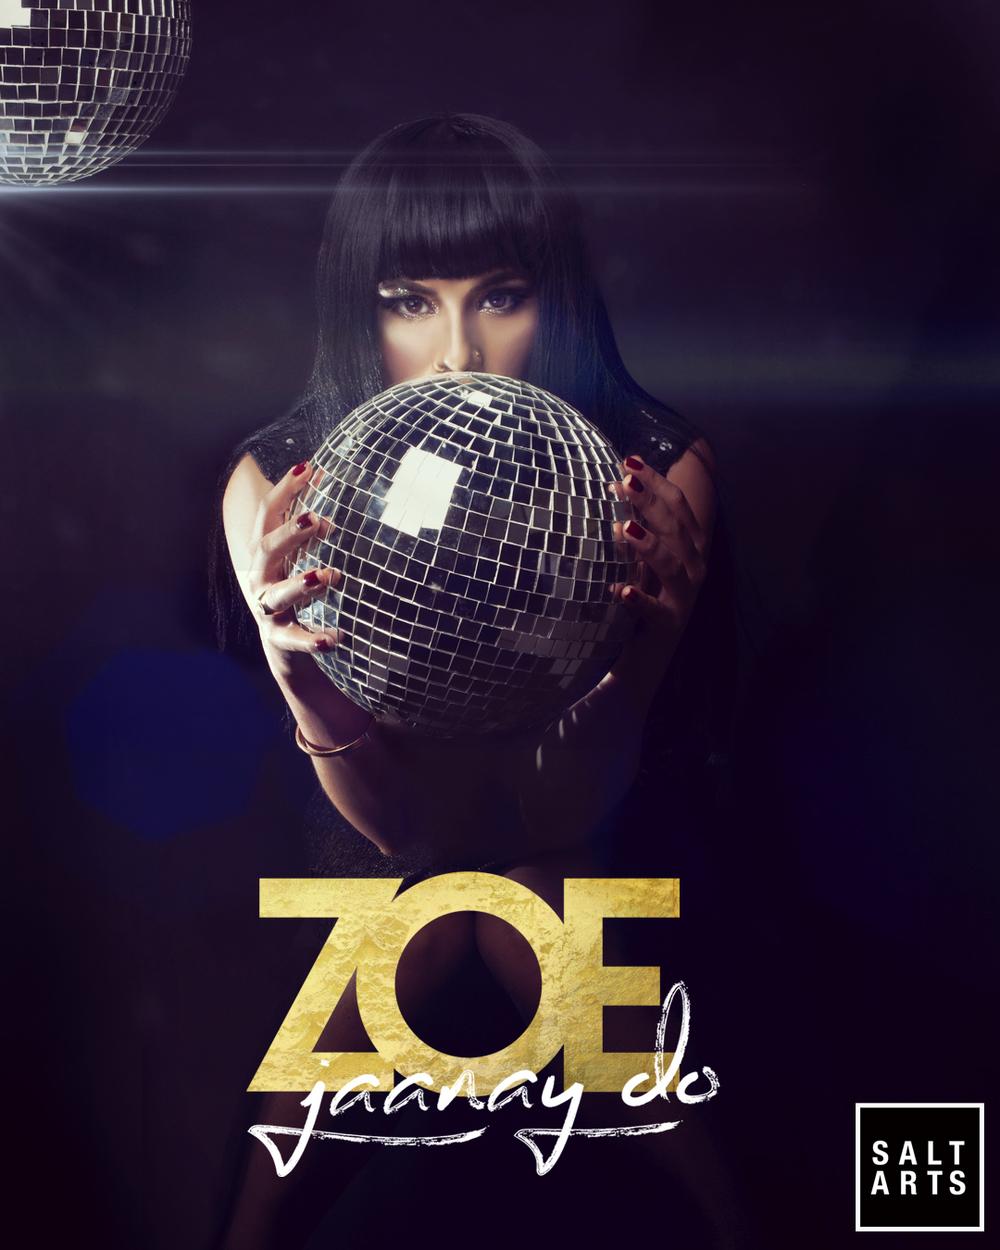 01+Zoe+Viccaji+Jaanay+Do+Disco+ball.jpg